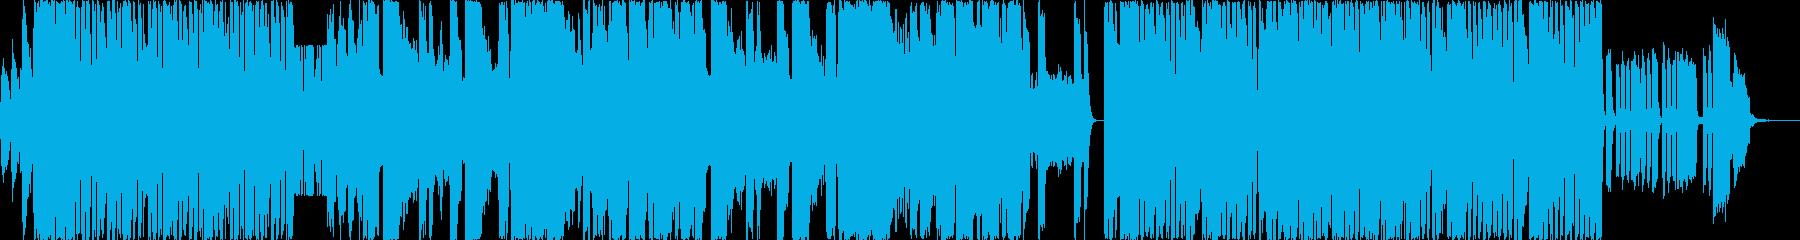 パーティーピープルの為のEDMの再生済みの波形